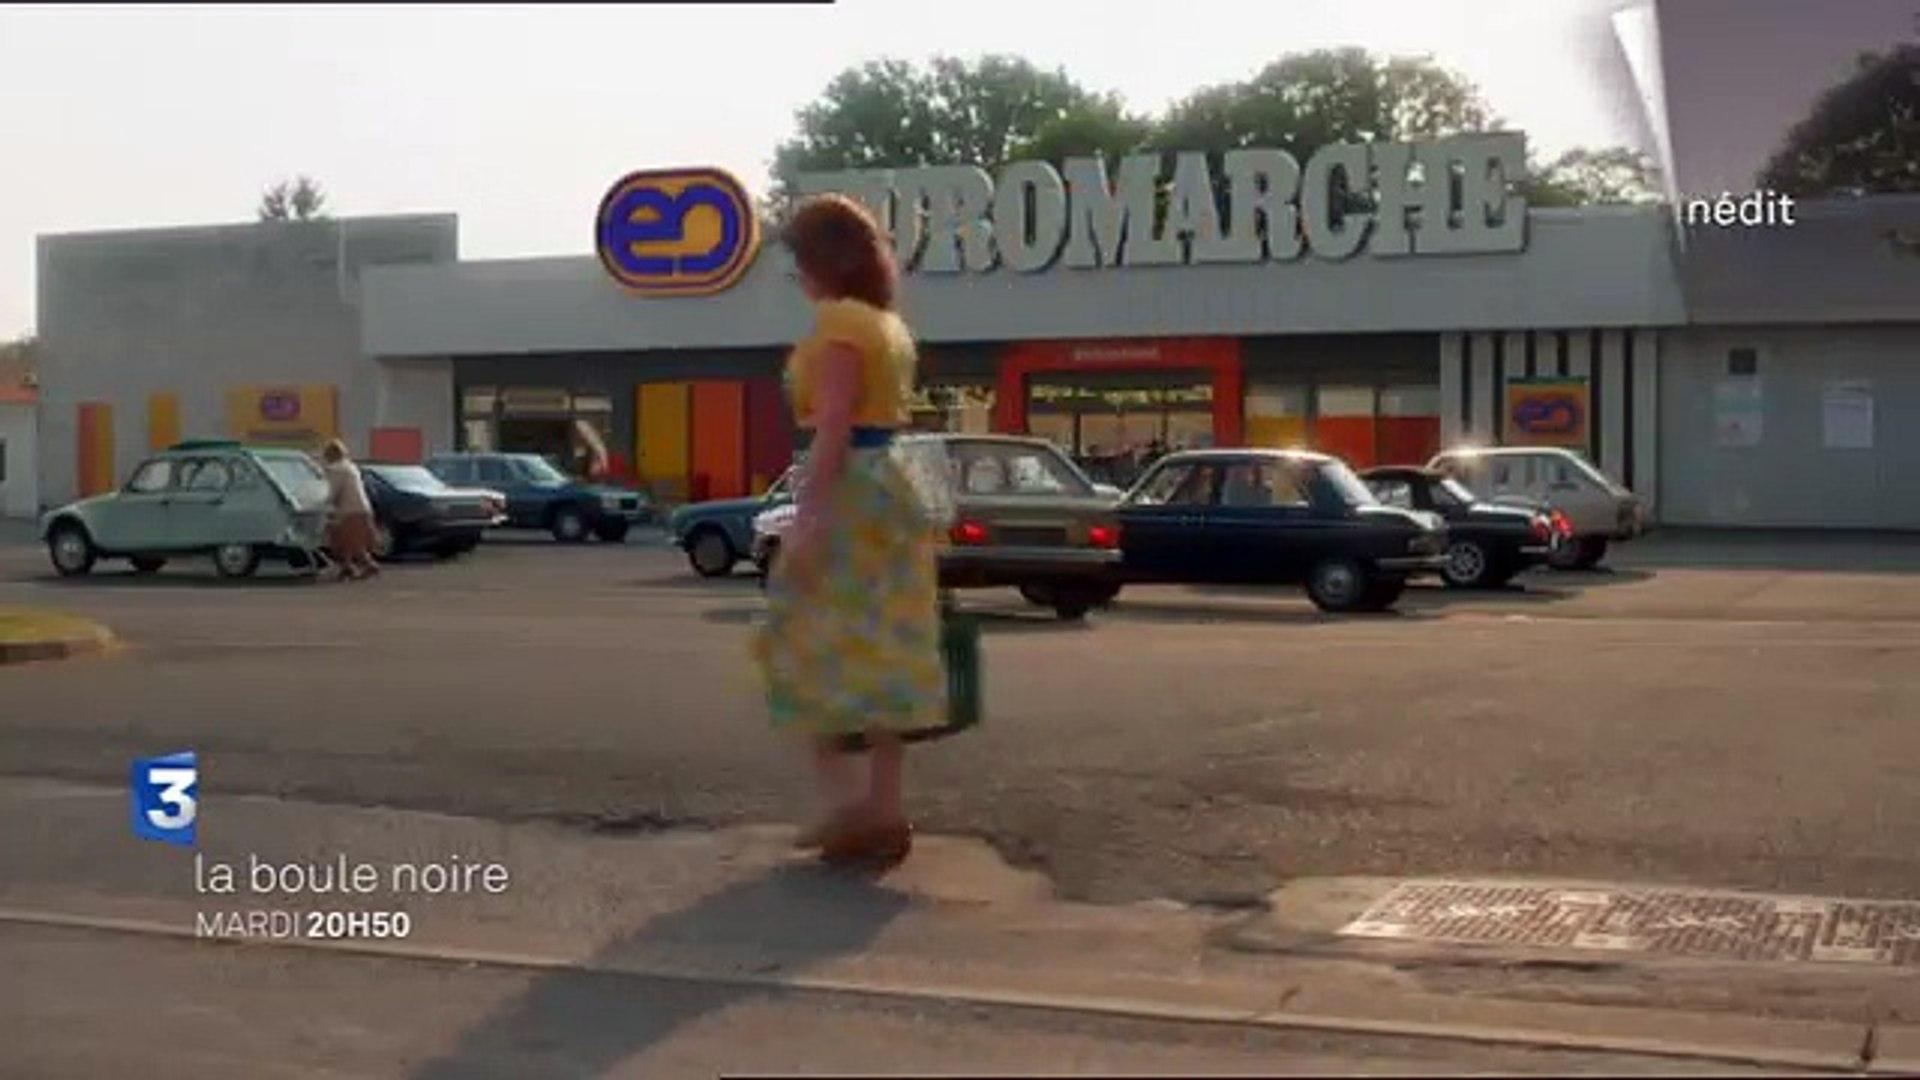 La boule noire - France 3 - Bande annonce